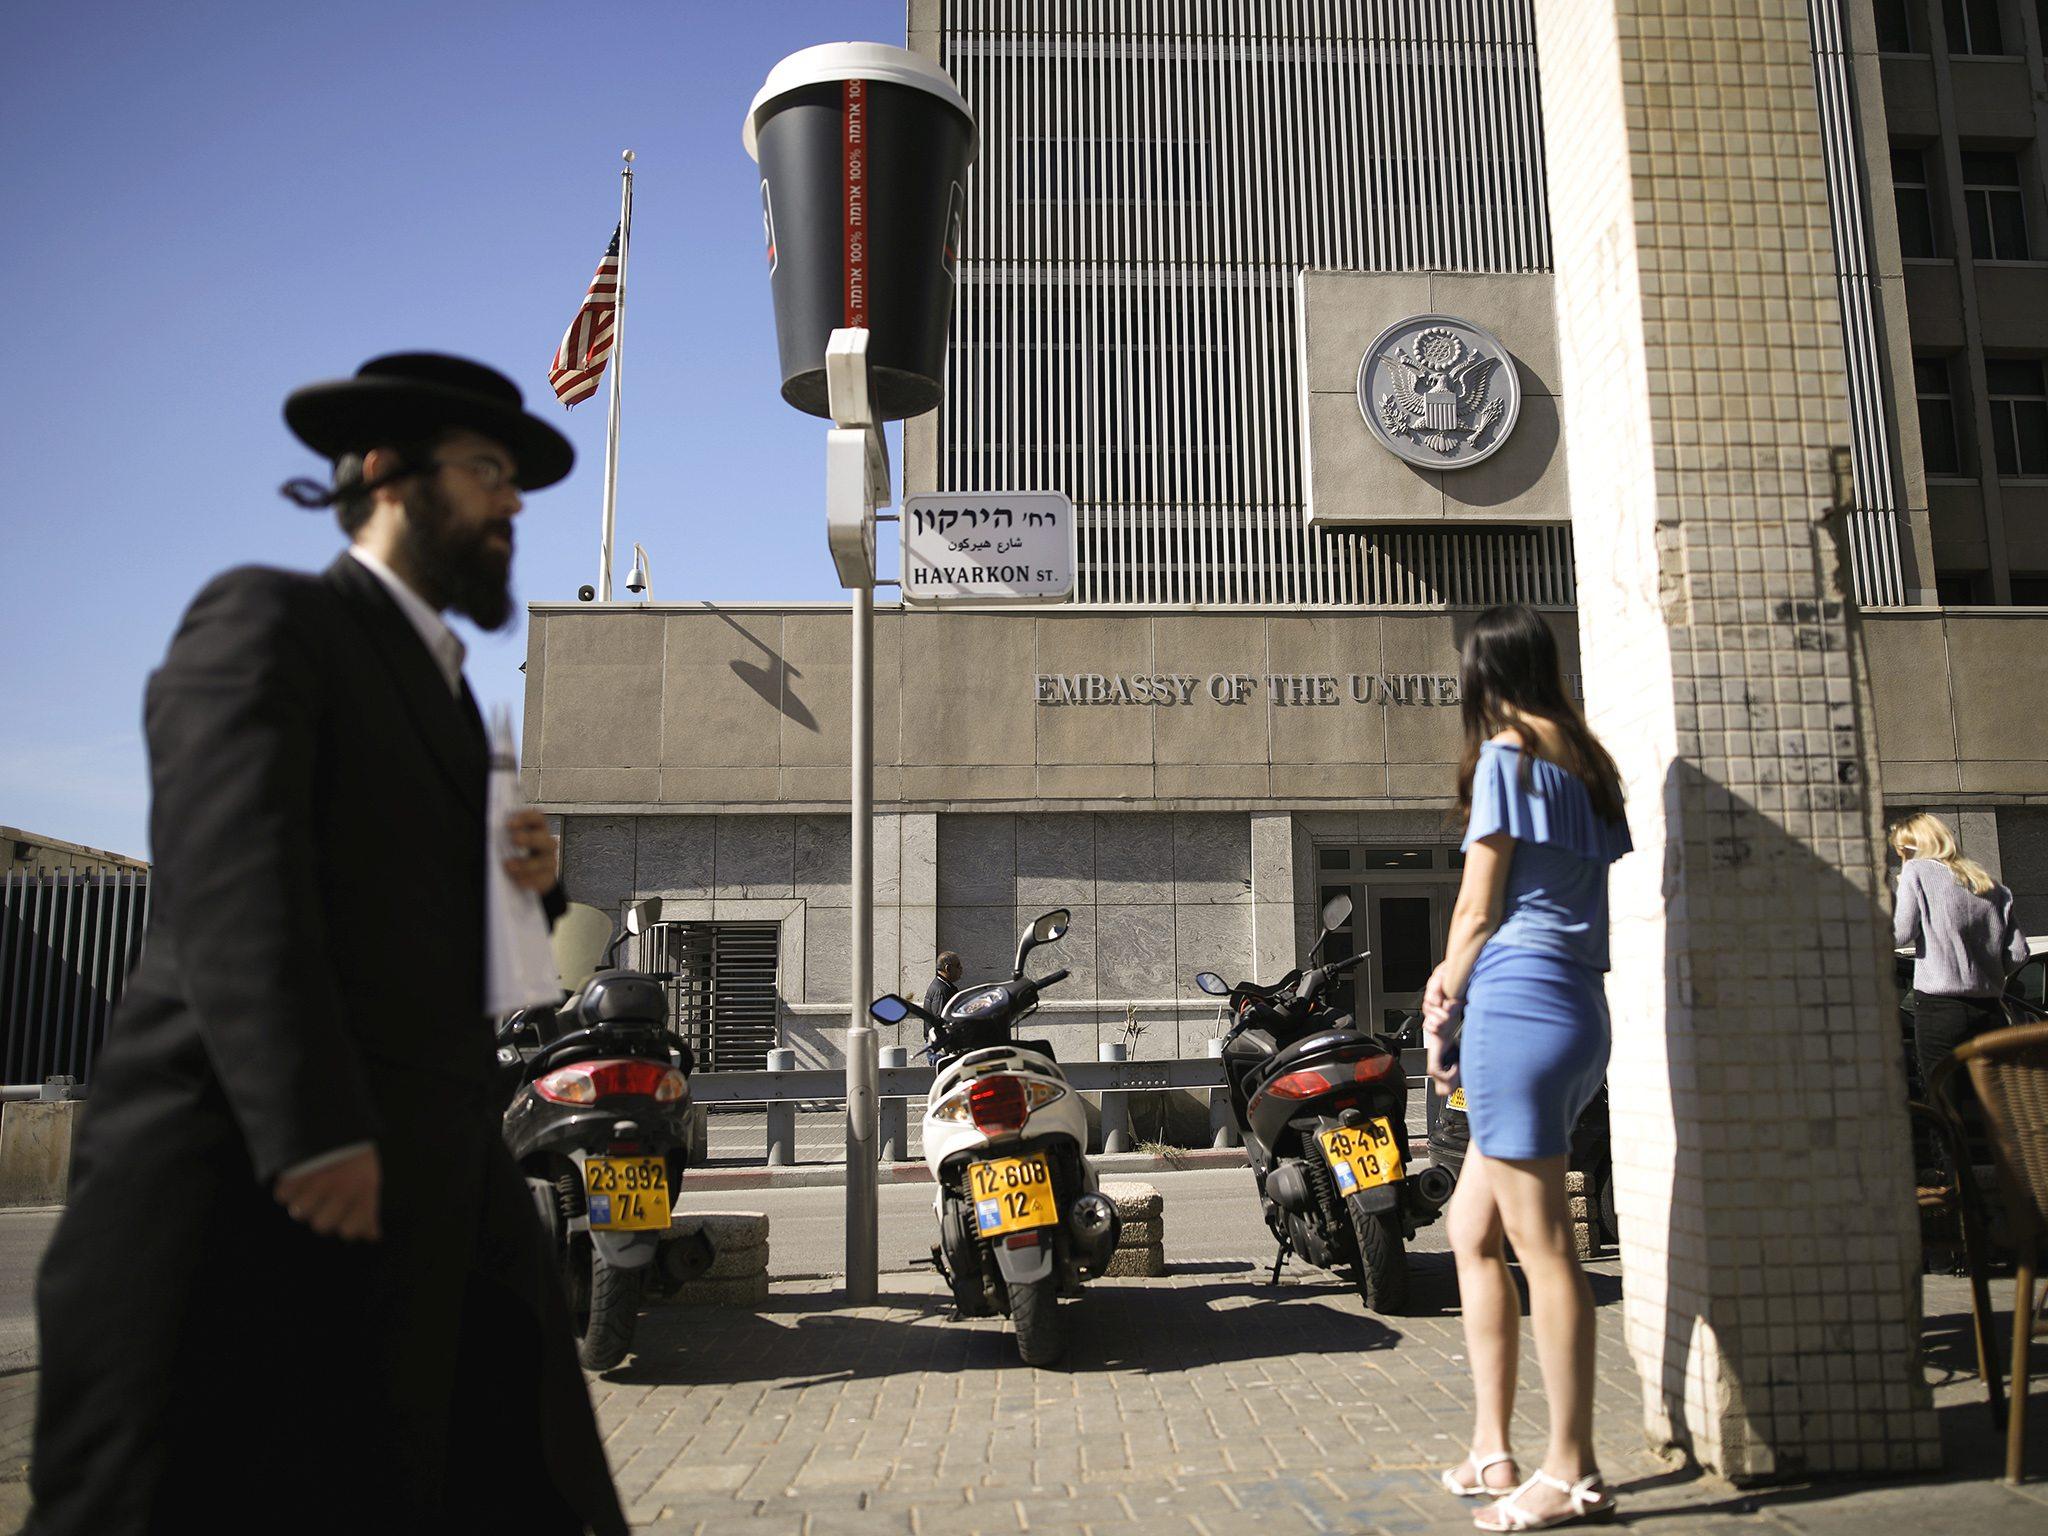 Image U.S. embassy in Tel Aviv, Israel (REUTERS/Amir Cohen)